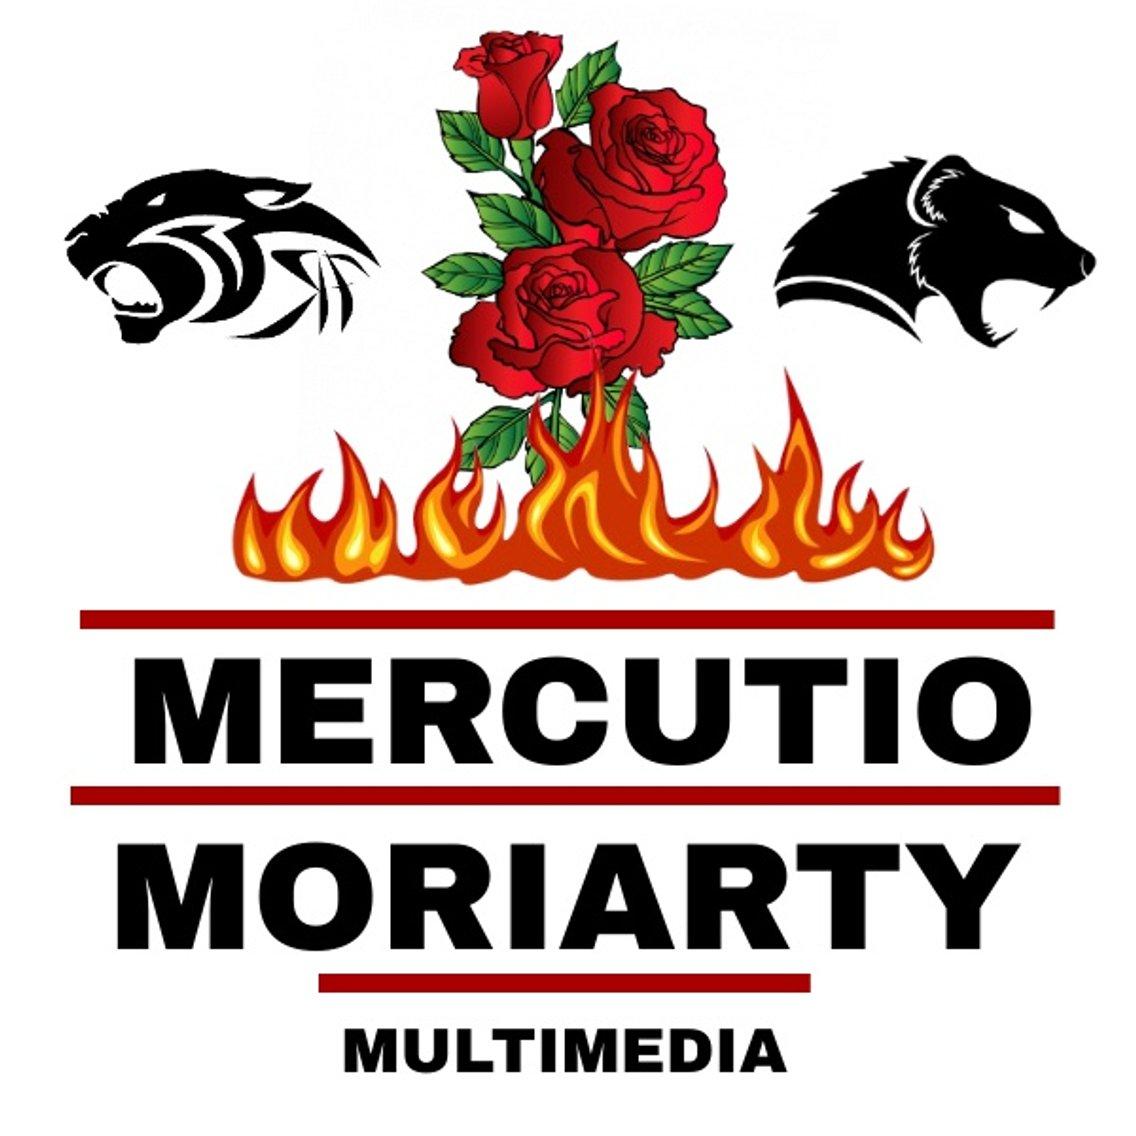 Mercutio Moriarty - imagen de portada